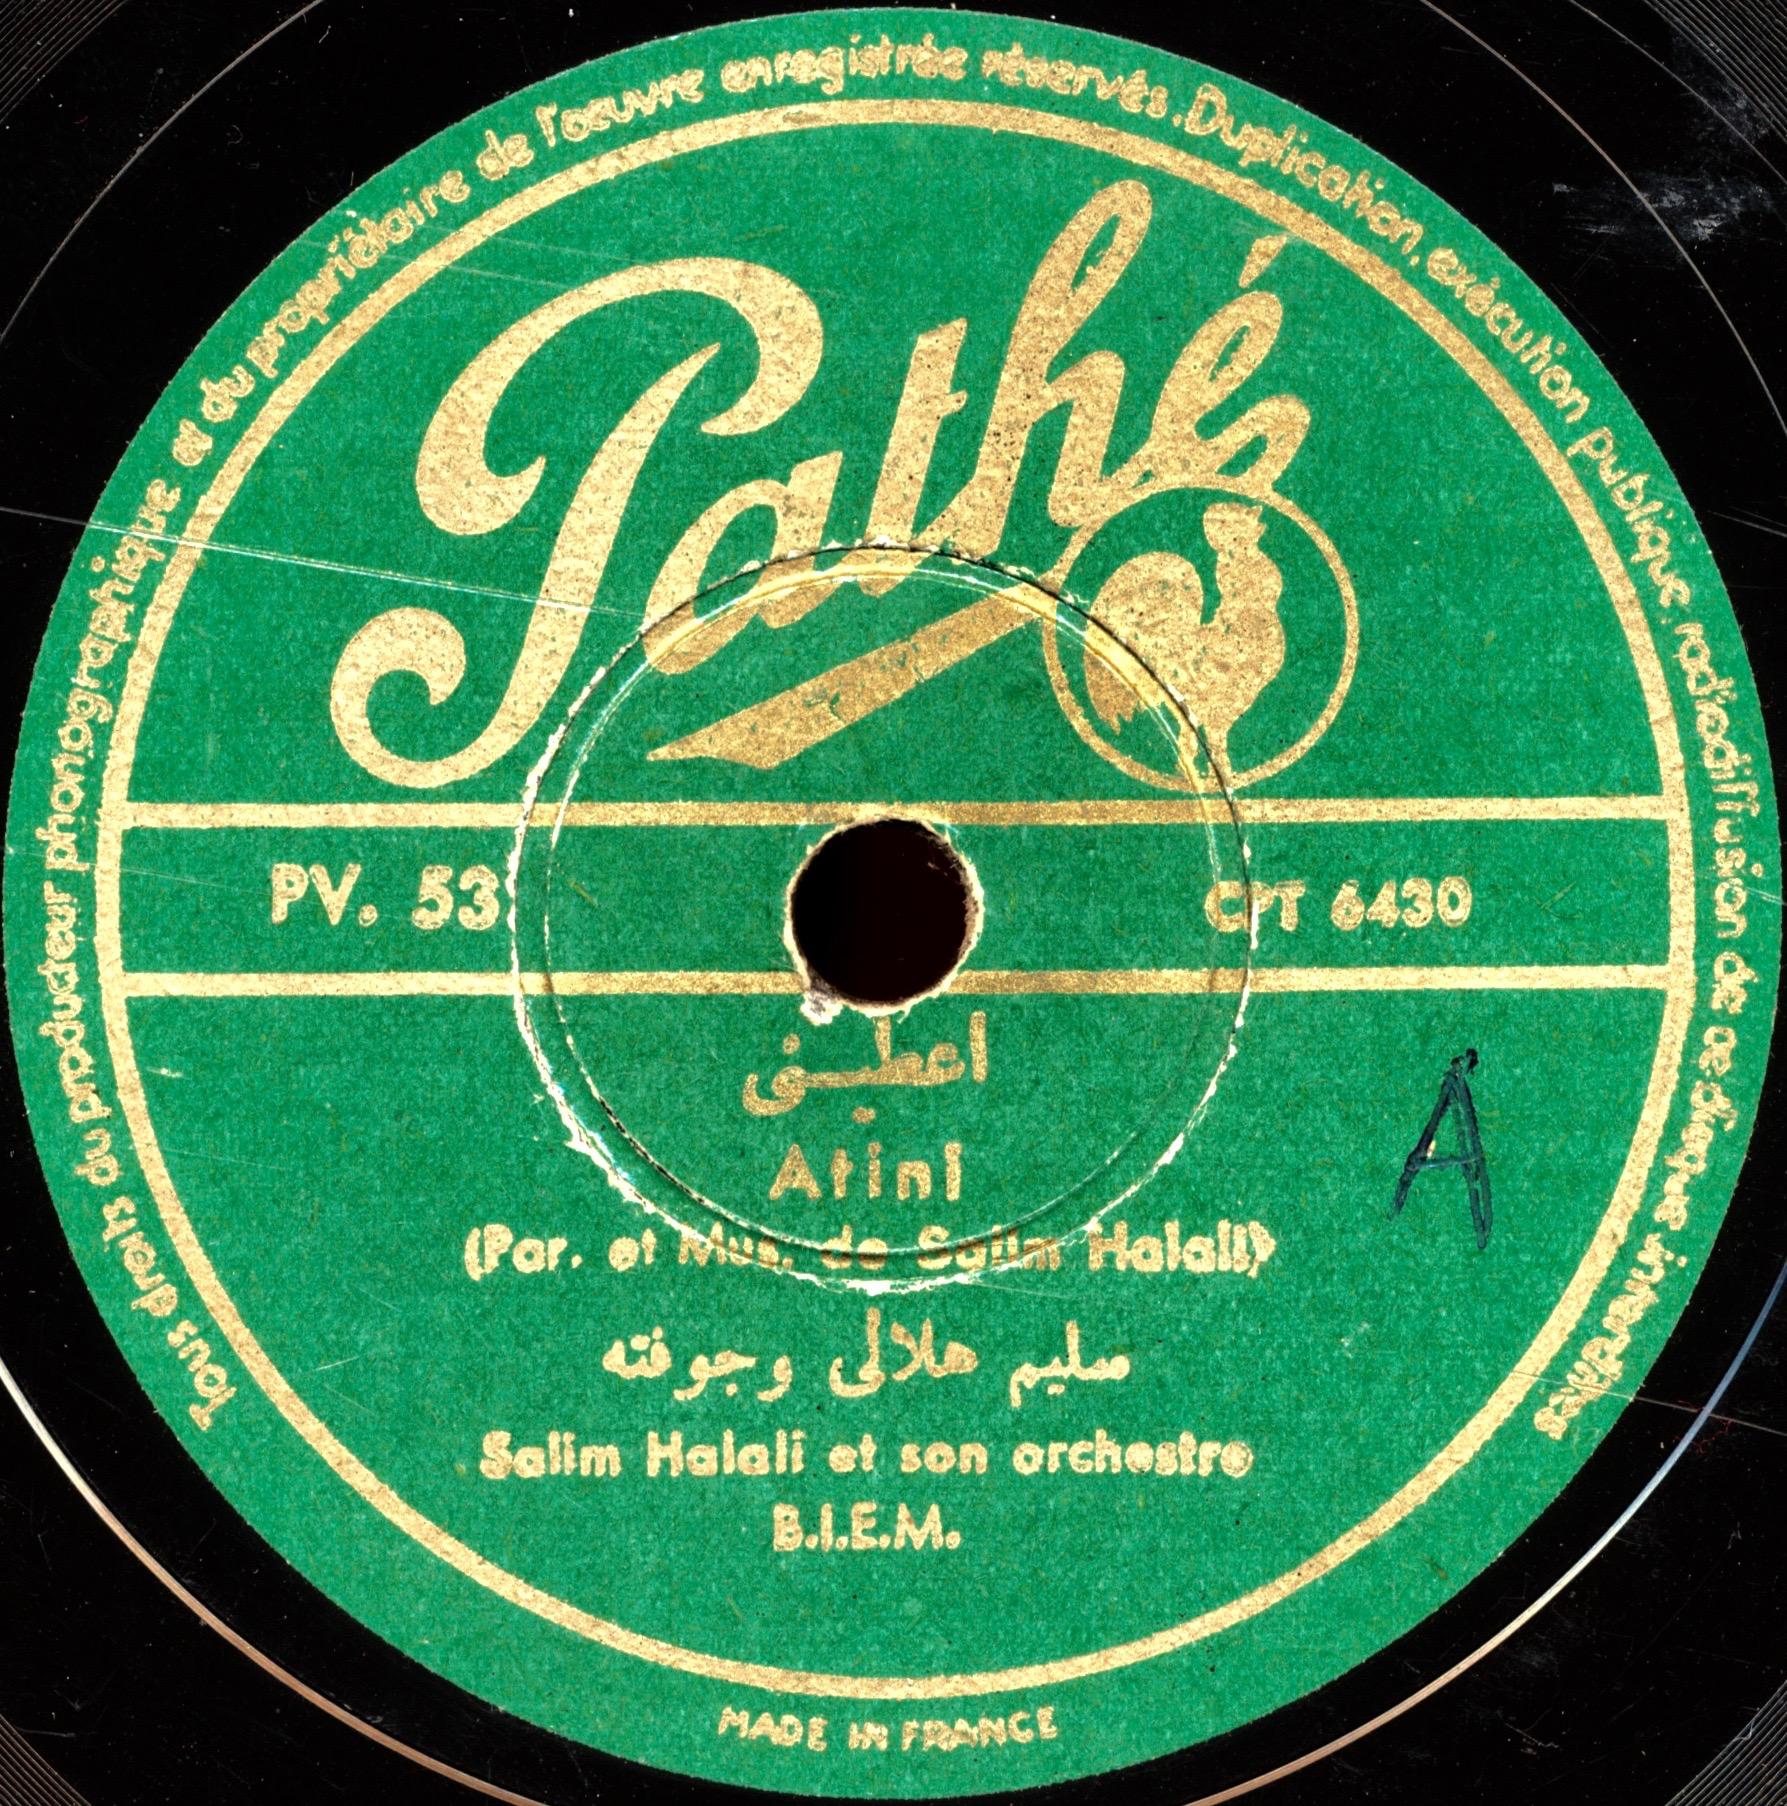 SHalali-Atini 2